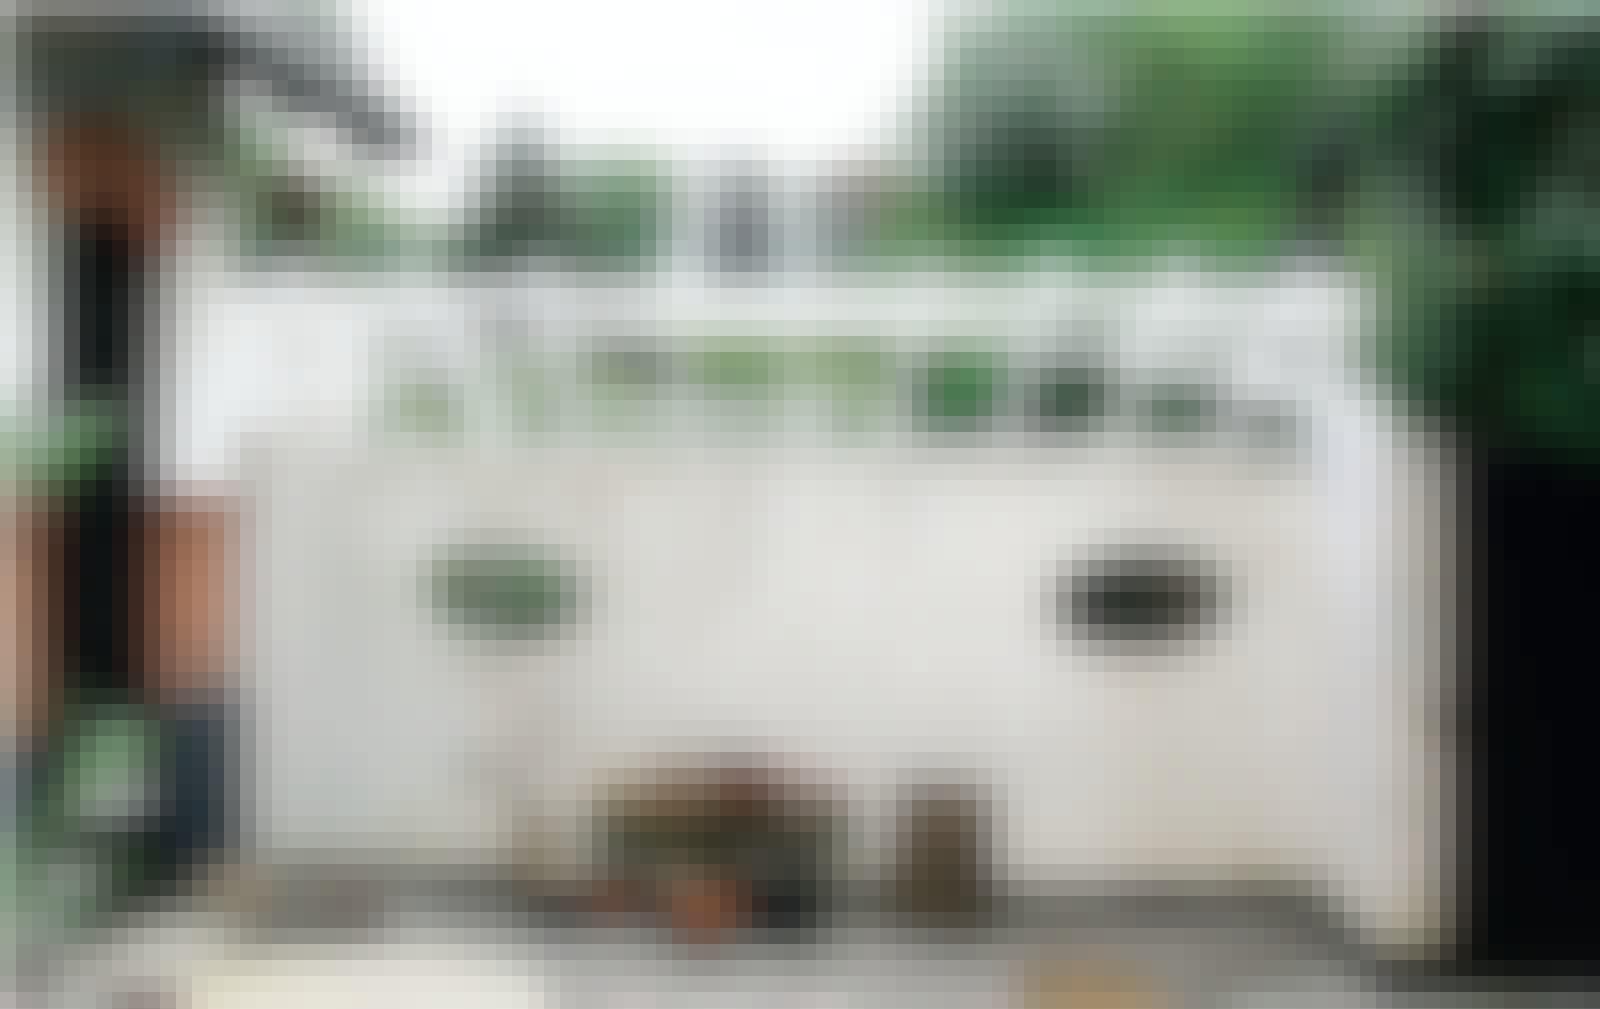 Byg glastag: Det luftige og lette glastag skaber ly og læ på den lille plante- og grillplads.